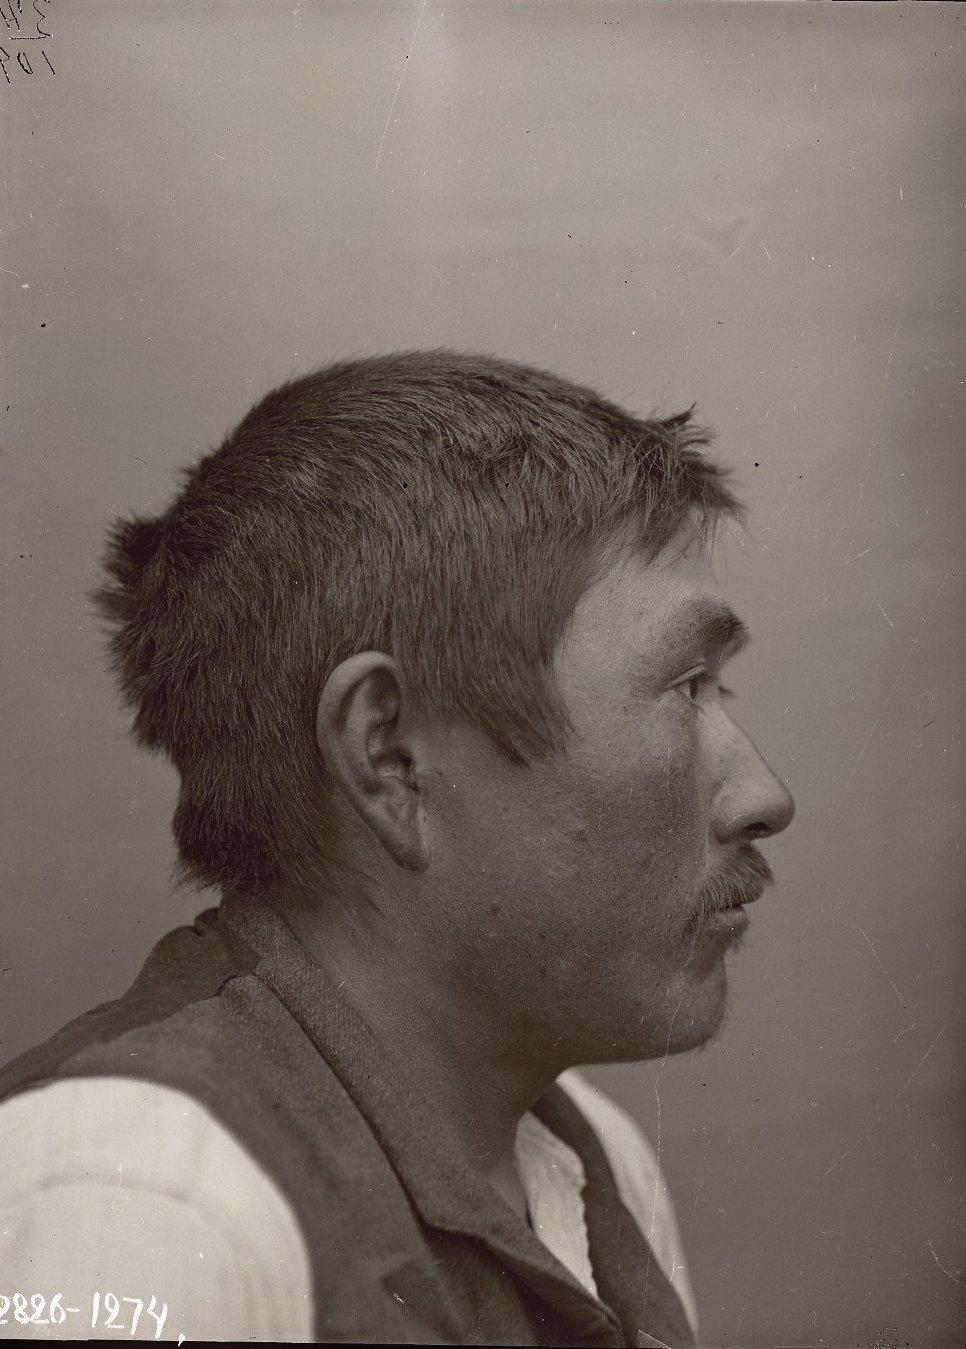 1909. 10-12 июня. Егор Худяков (профиль). Атту остров